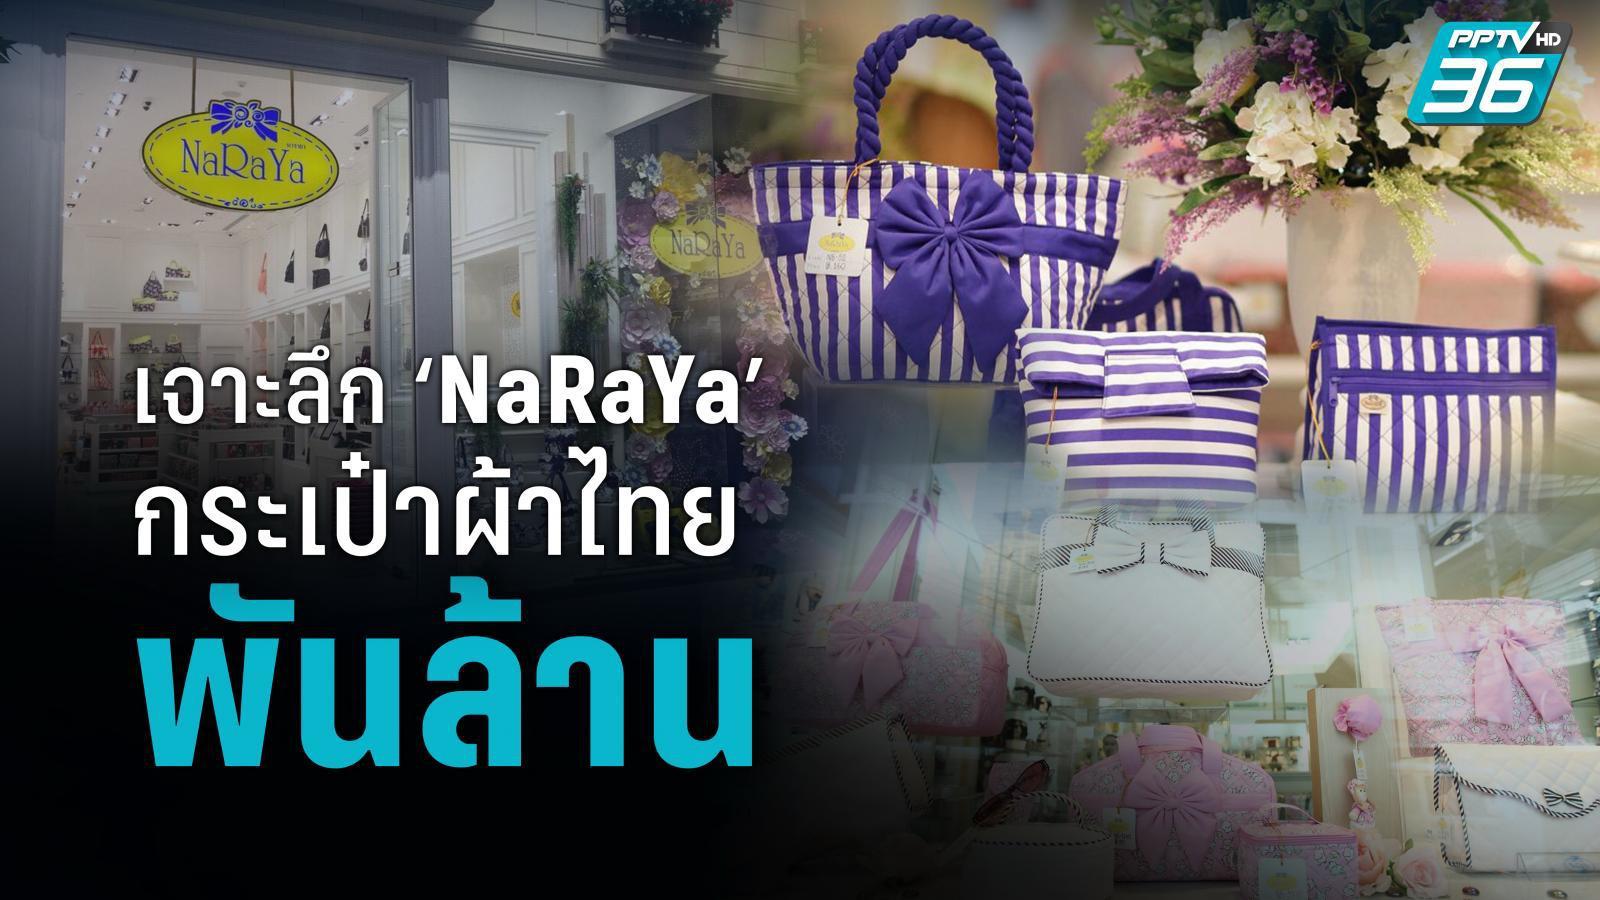 """เจาะลึก """"NaRaYA"""" กระเป๋าผ้าไทยพันล้าน สุดยื้อเจอโควิด รายได้วูบ-ปิดโรงงาน"""